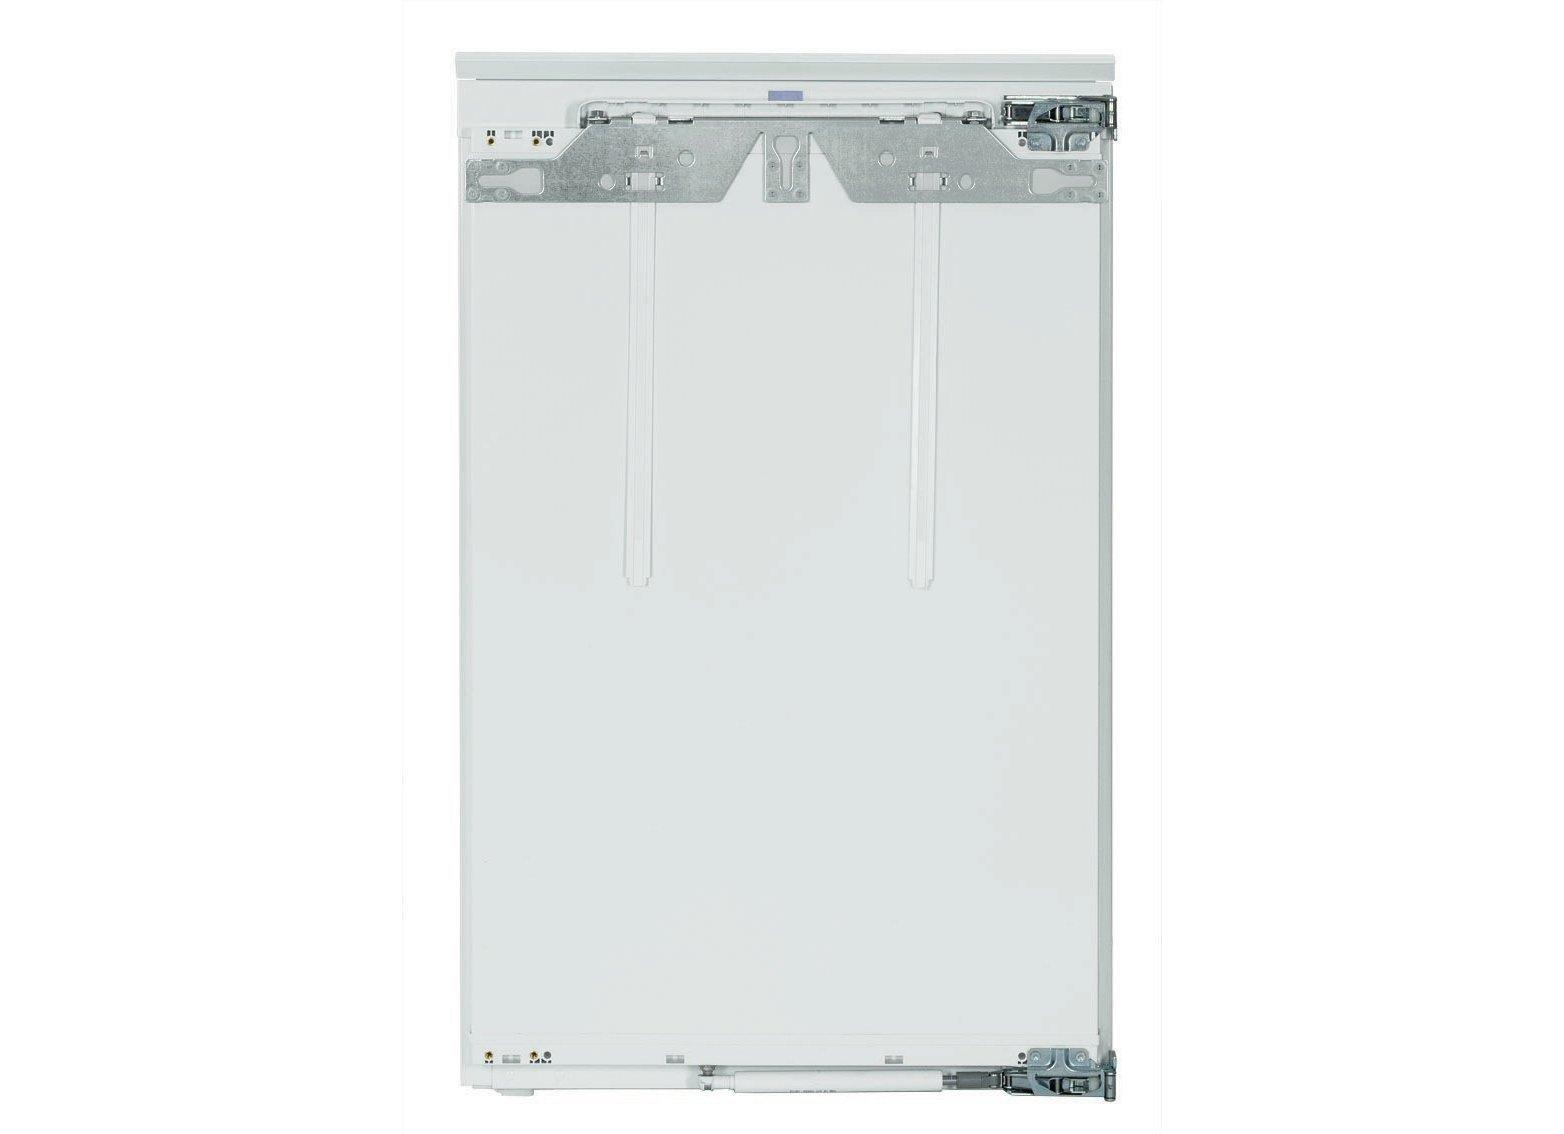 купить Встраиваемый однокамерный холодильник Liebherr IK 1660 Украина фото 1